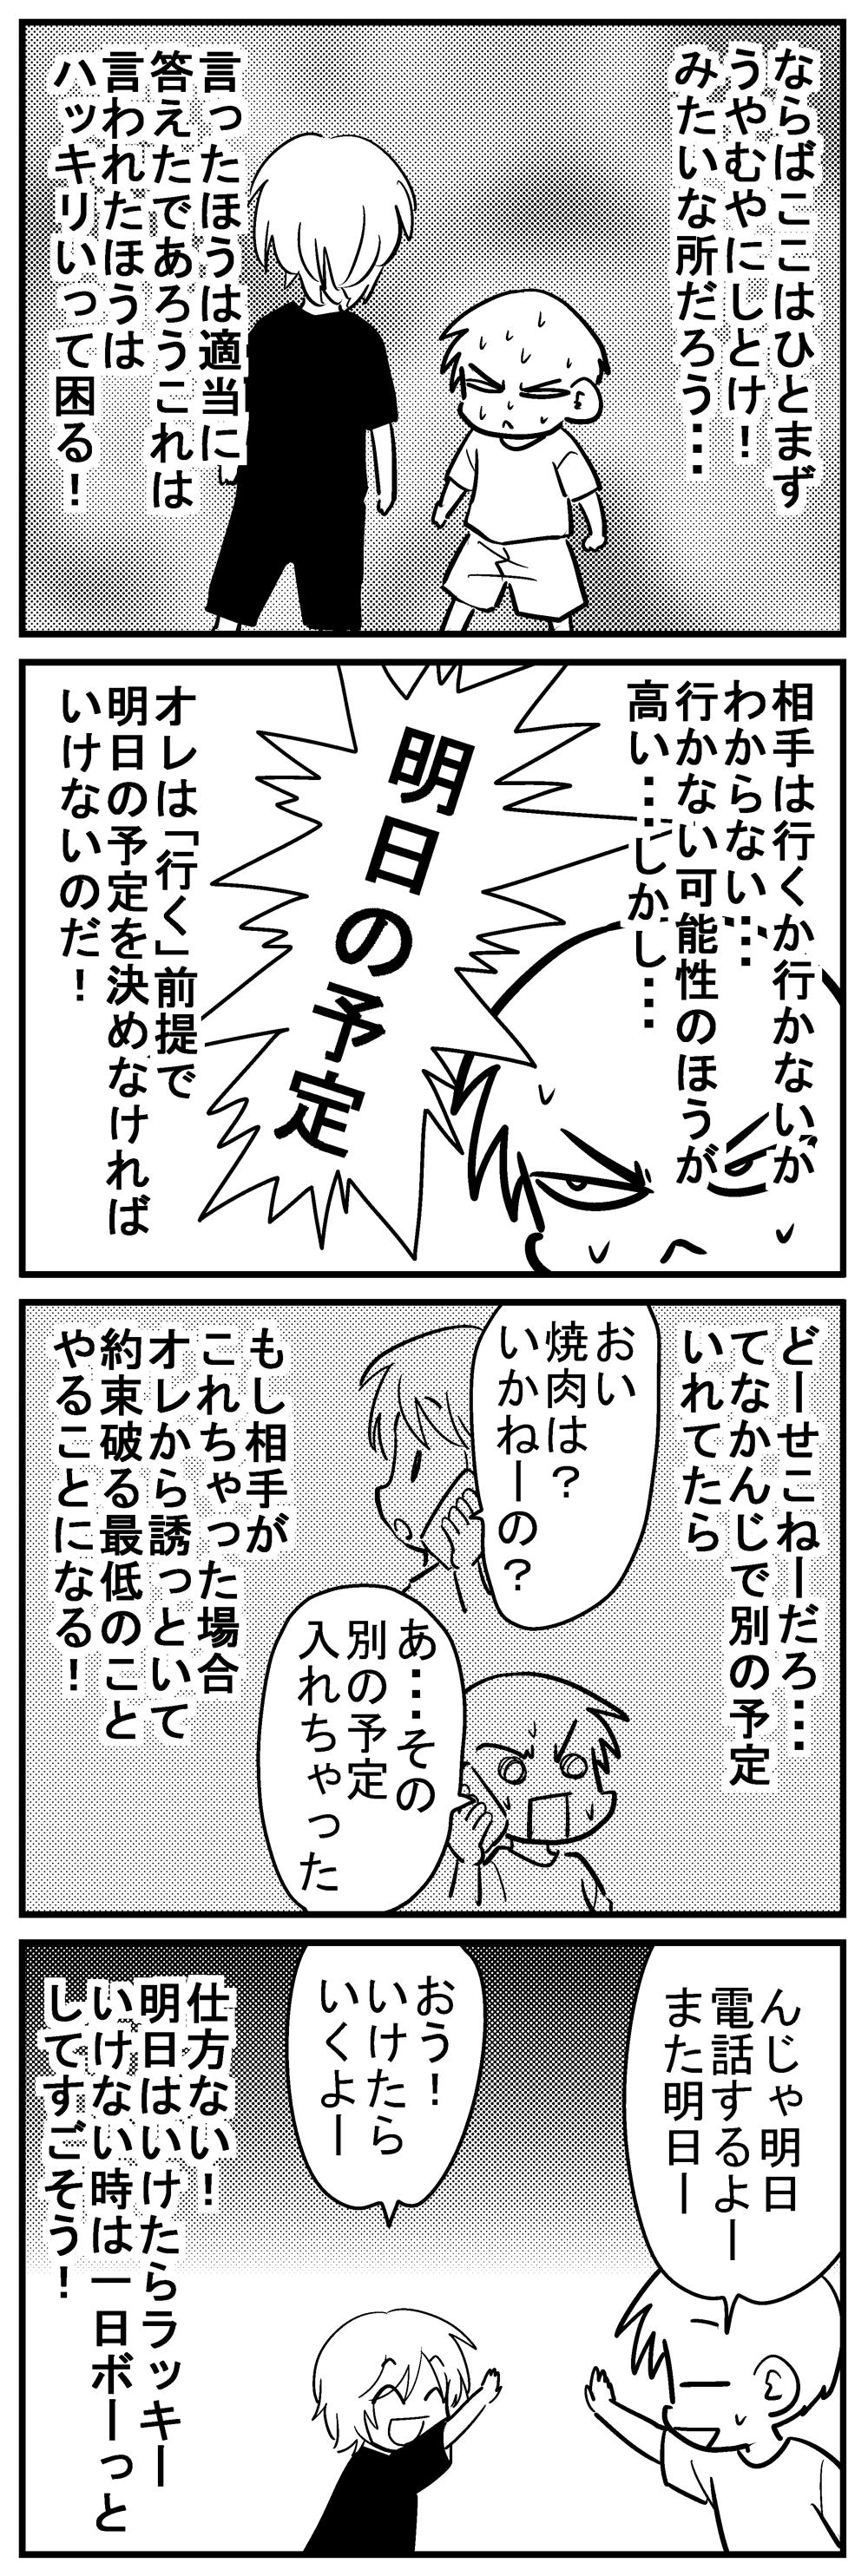 深読みくん77-3